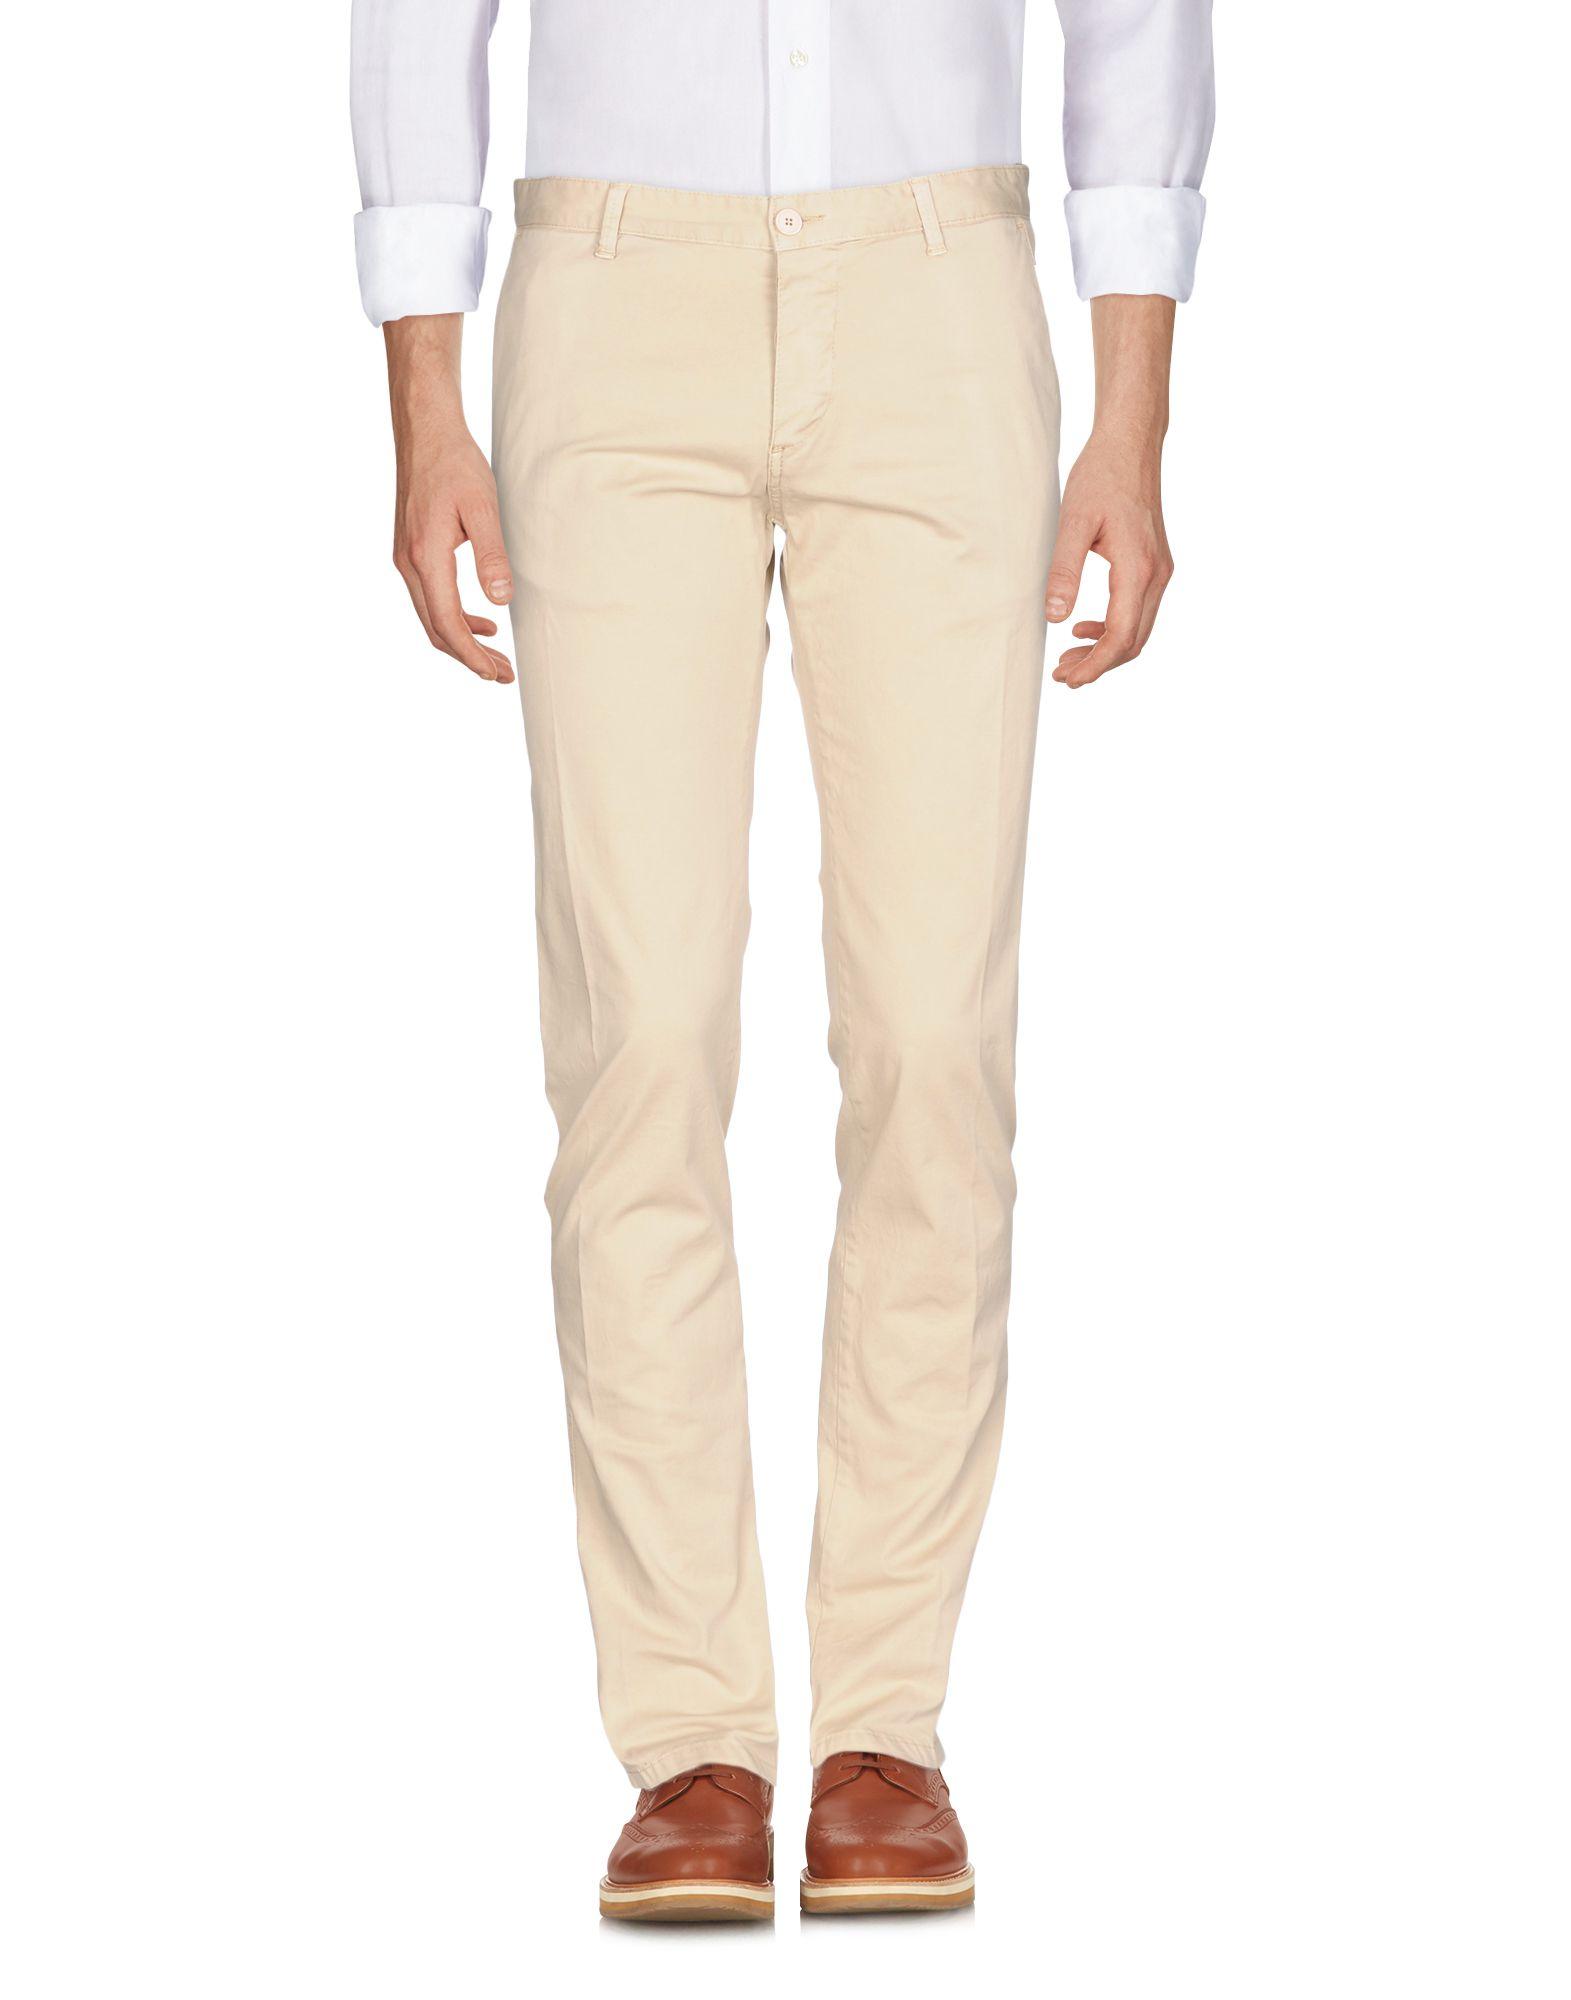 + - UGUALE Повседневные брюки uguale повседневные брюки